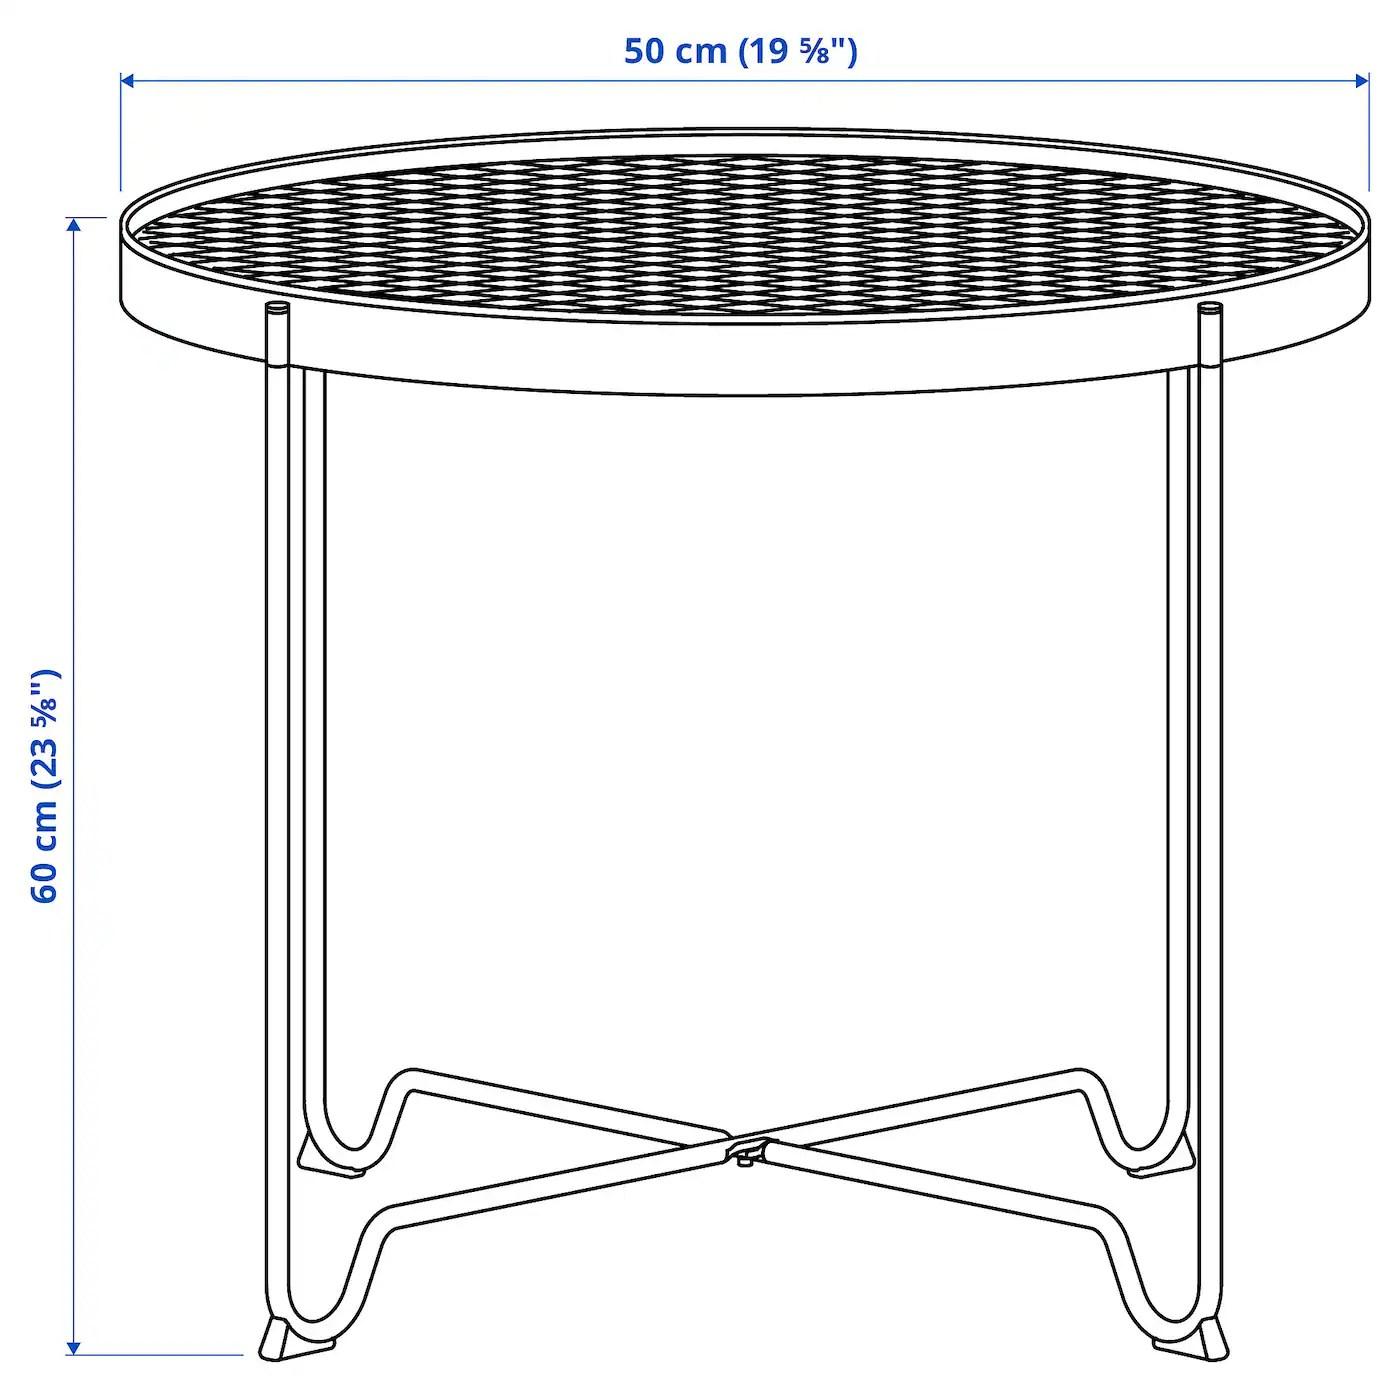 krokholmen table d appoint exterieur beige 50 cm